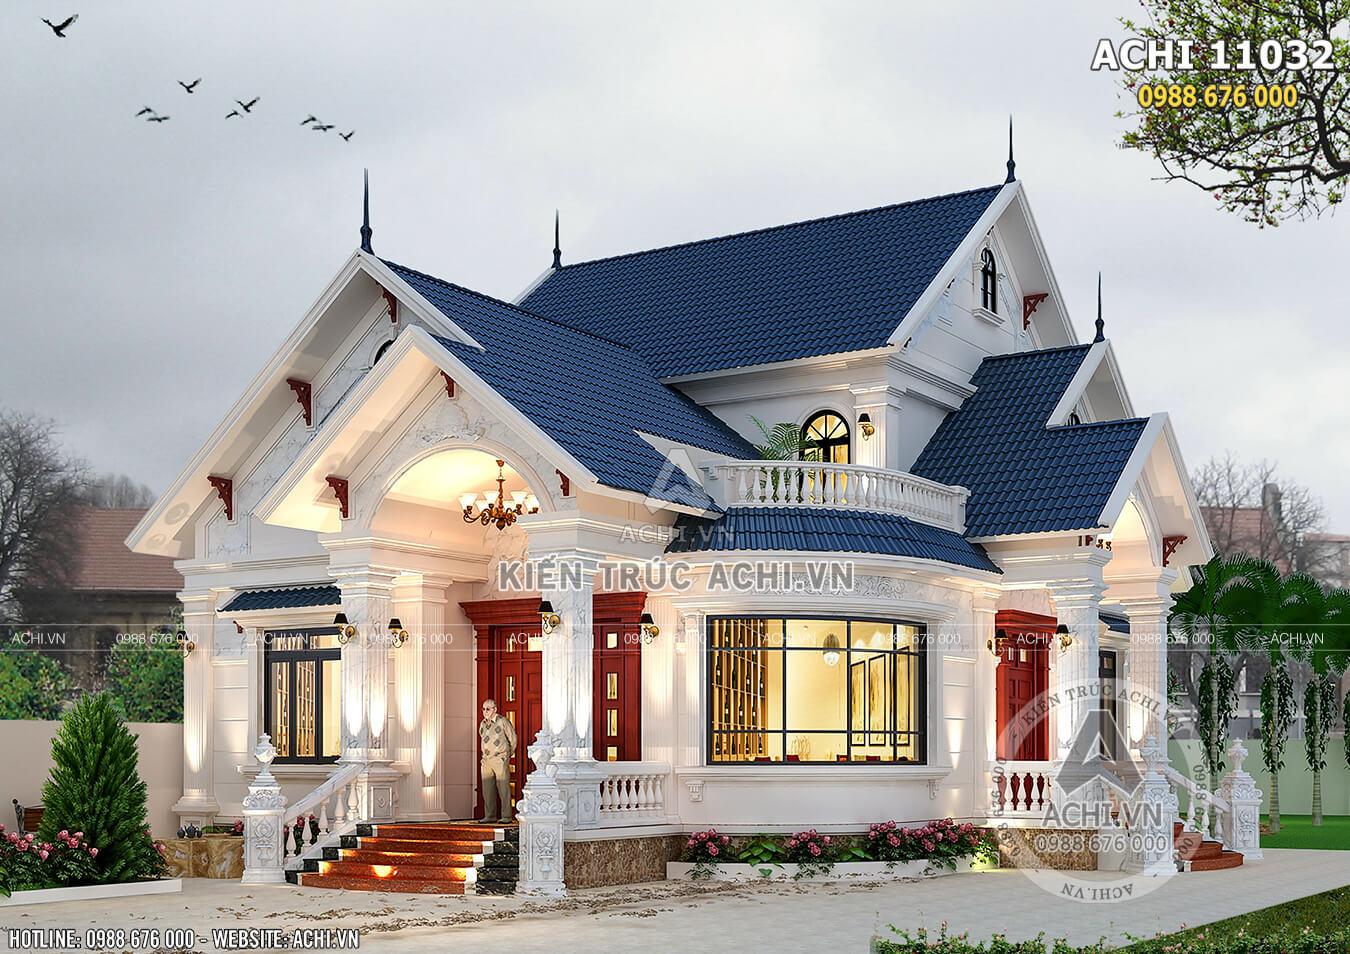 Mẫu thiết kế nhà biệt thự 1 tầng có gác lửng đẹp